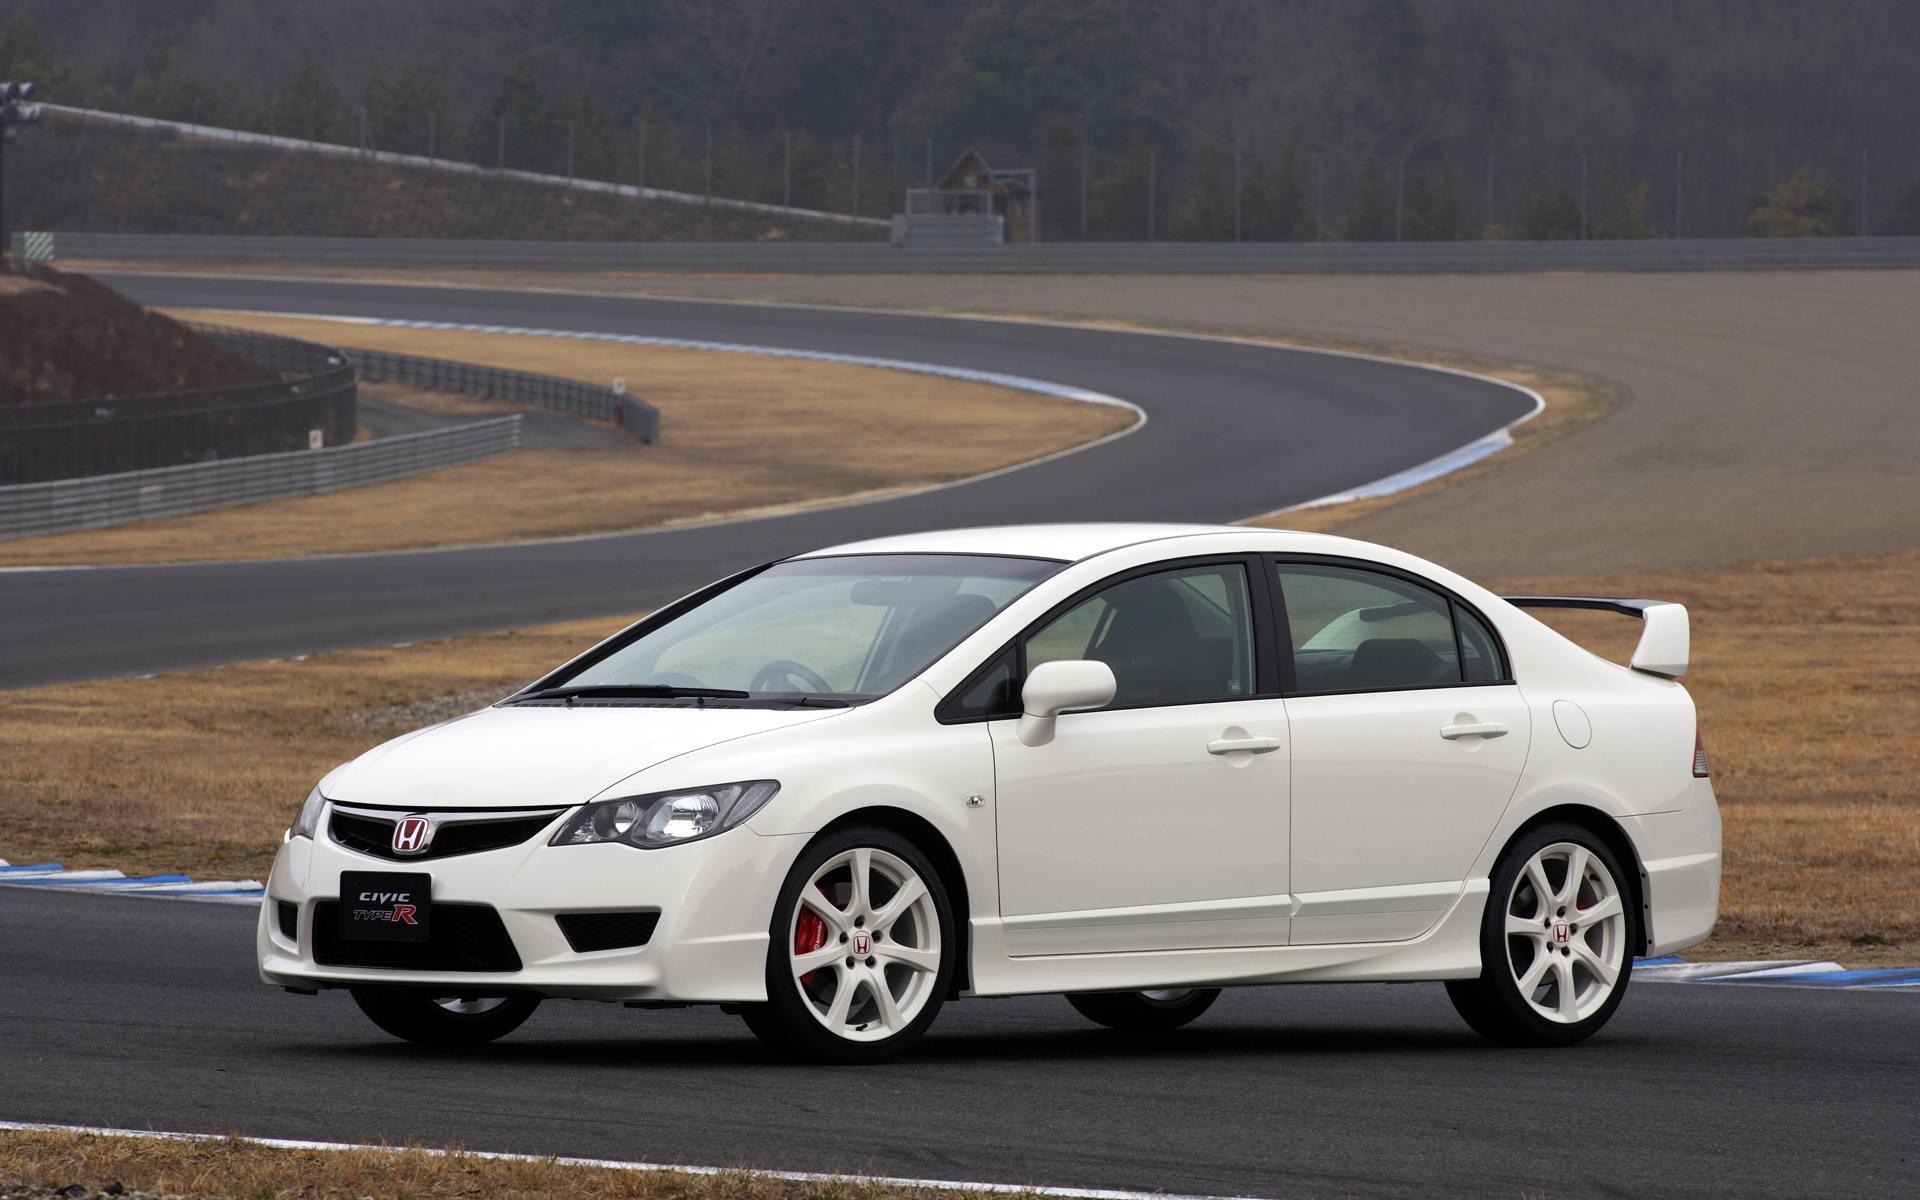 2015 Honda Civic Wallpaper Format